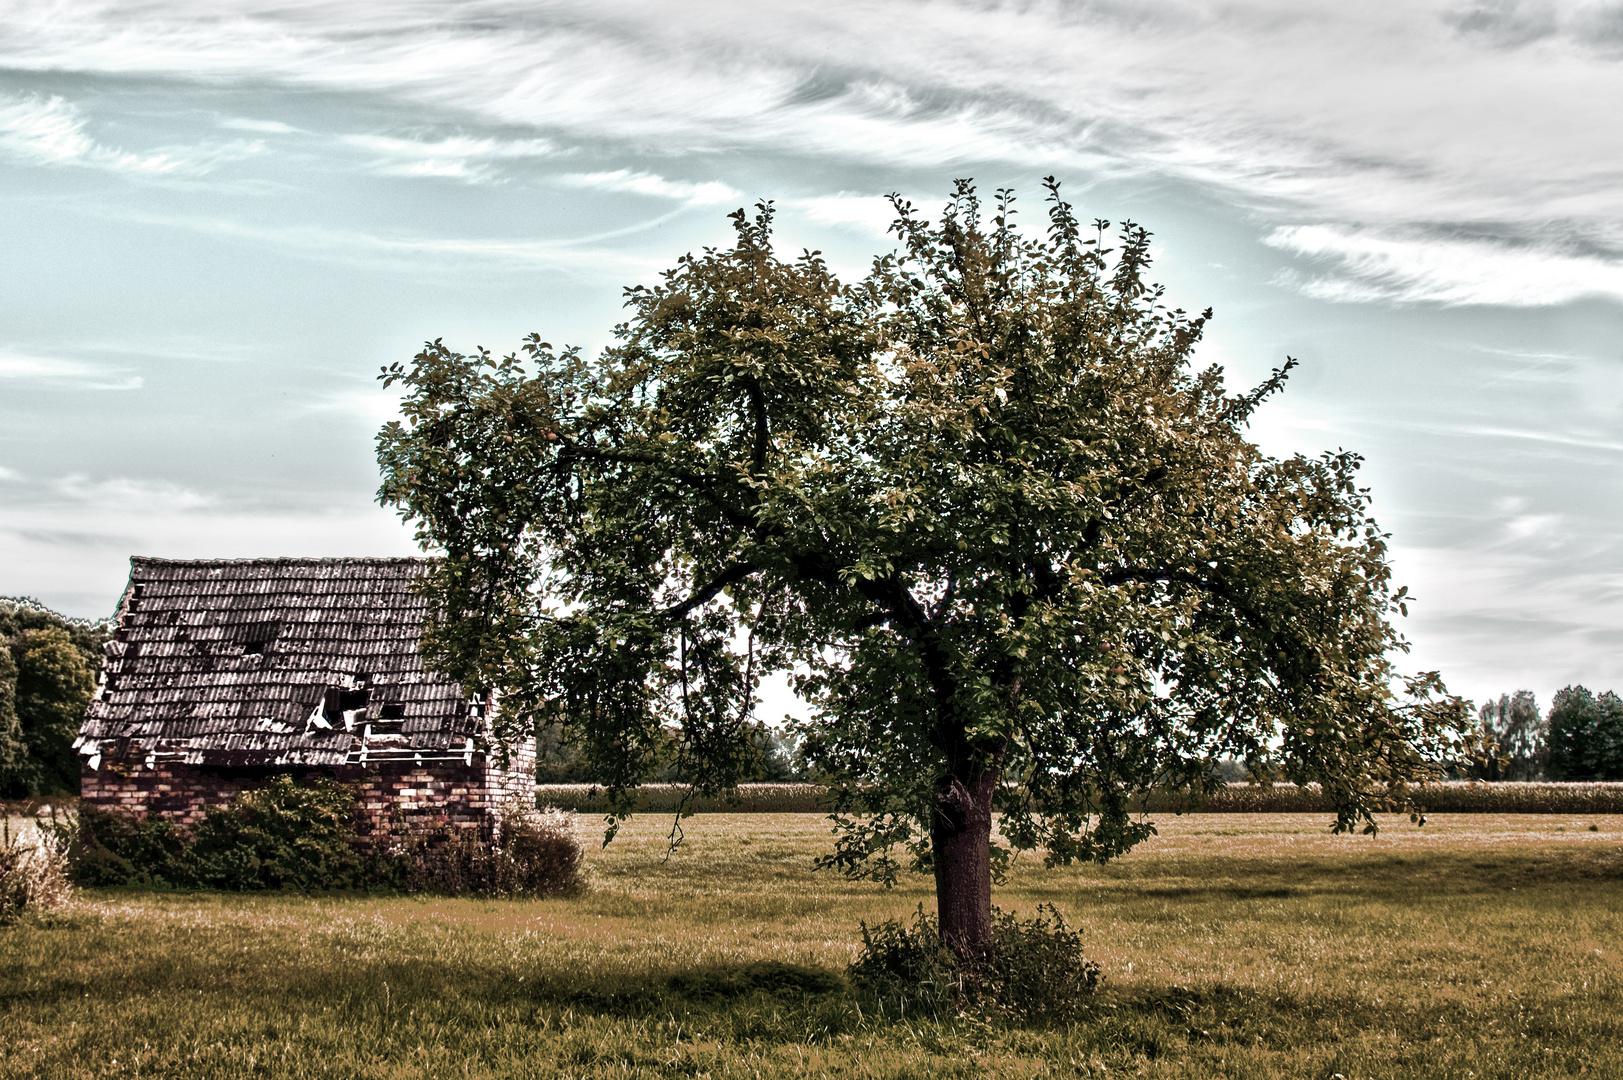 Der Schuppen neben dem alten Apfelbaum